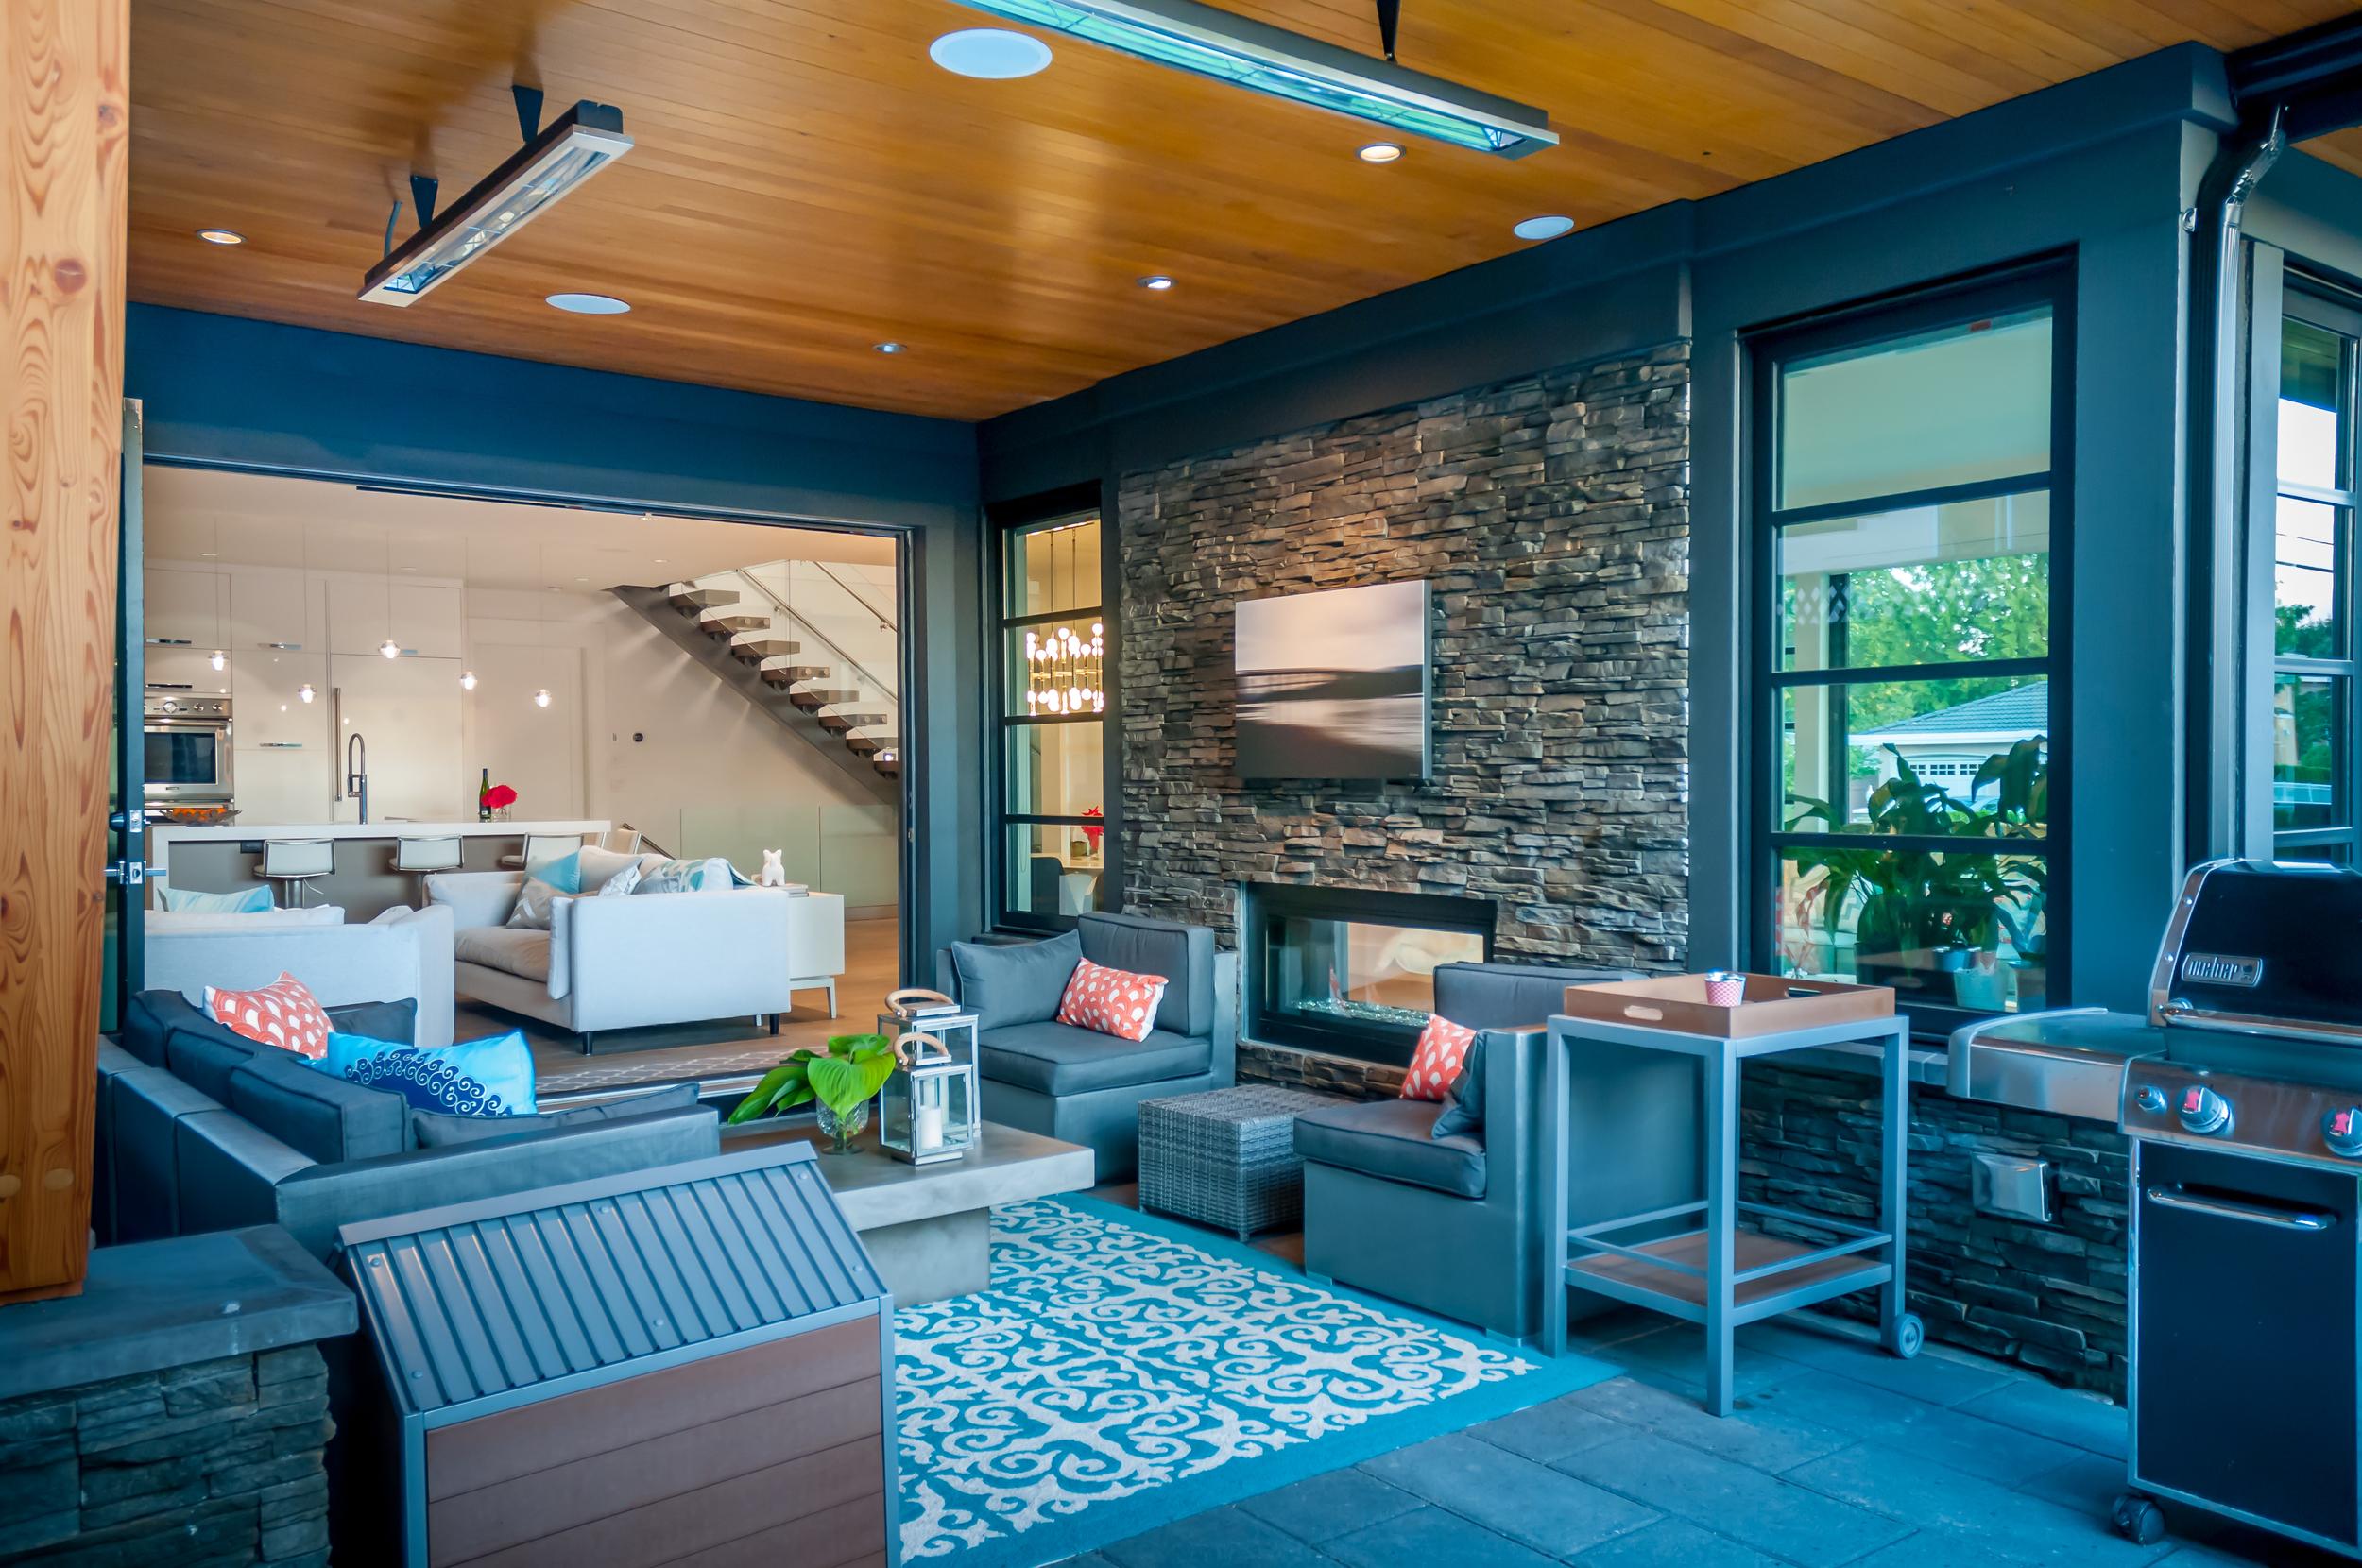 14 - Blaine_House_23_Outdoor_Deck.jpg